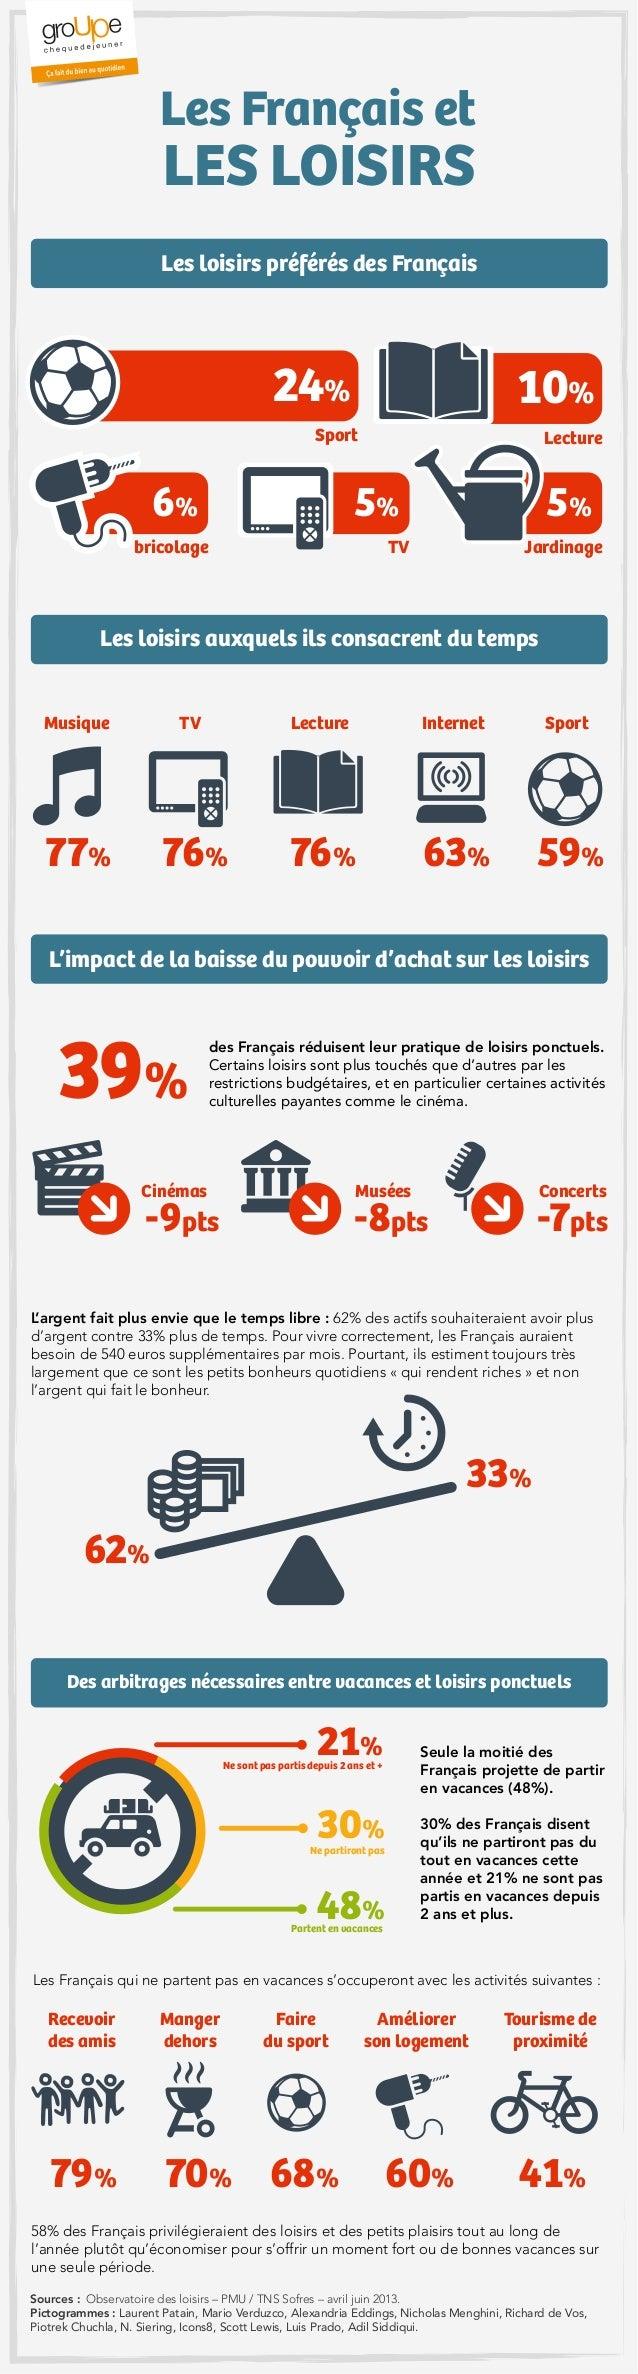 L'impact de la baisse du pouvoir d'achat sur les loisirs Les loisirs préférés des Français Les loisirs auxquels ils consac...